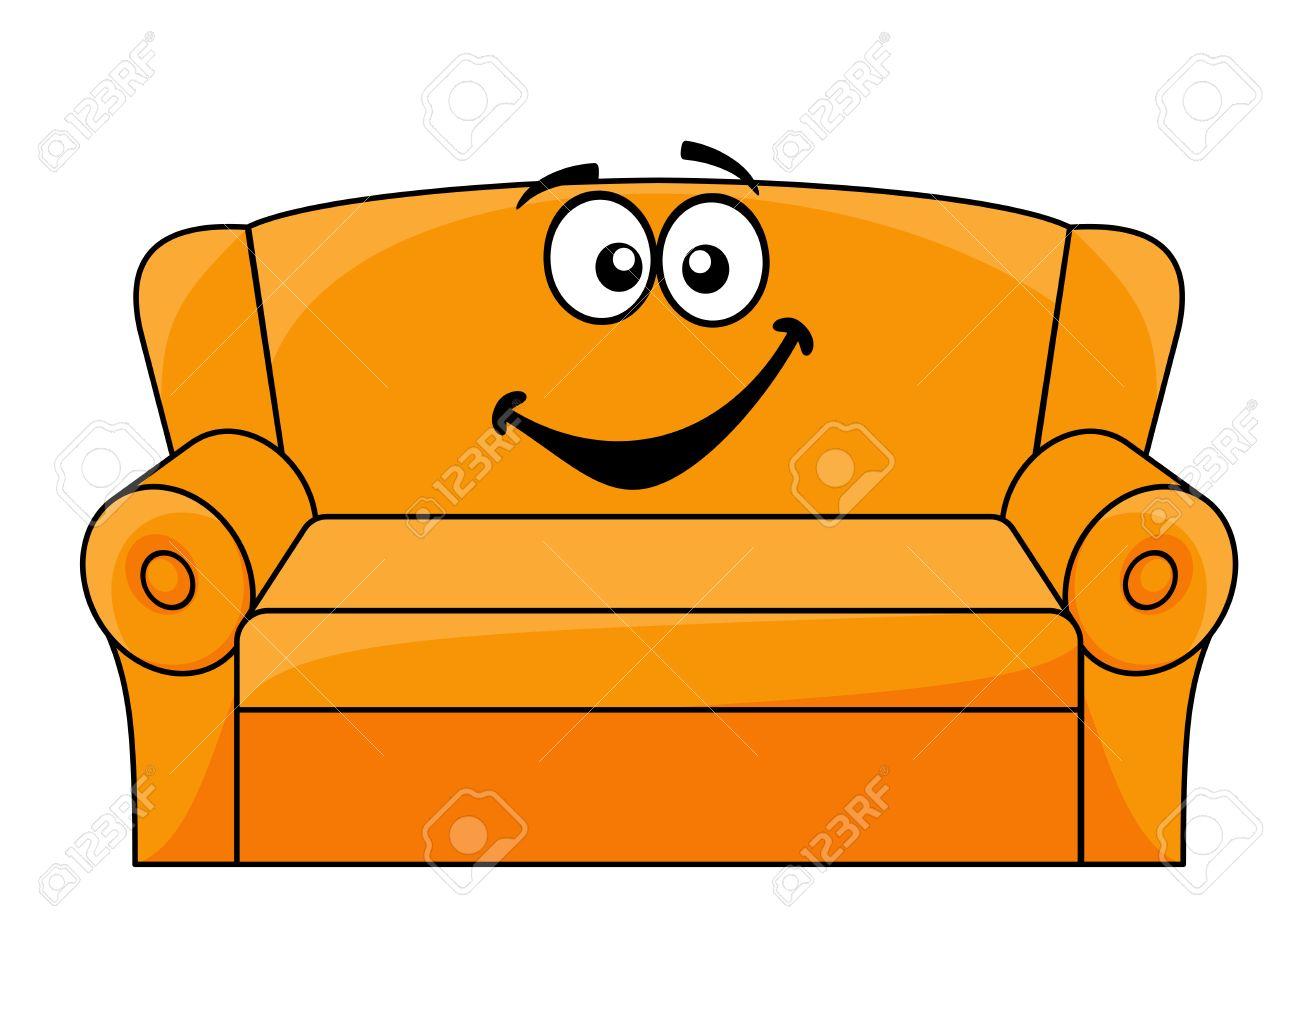 26847602 cartoon gepolstert orange couch sofa oder couch mit einem gl%c3%bccklichen l%c3%a4cheln vektor illustration isoliert